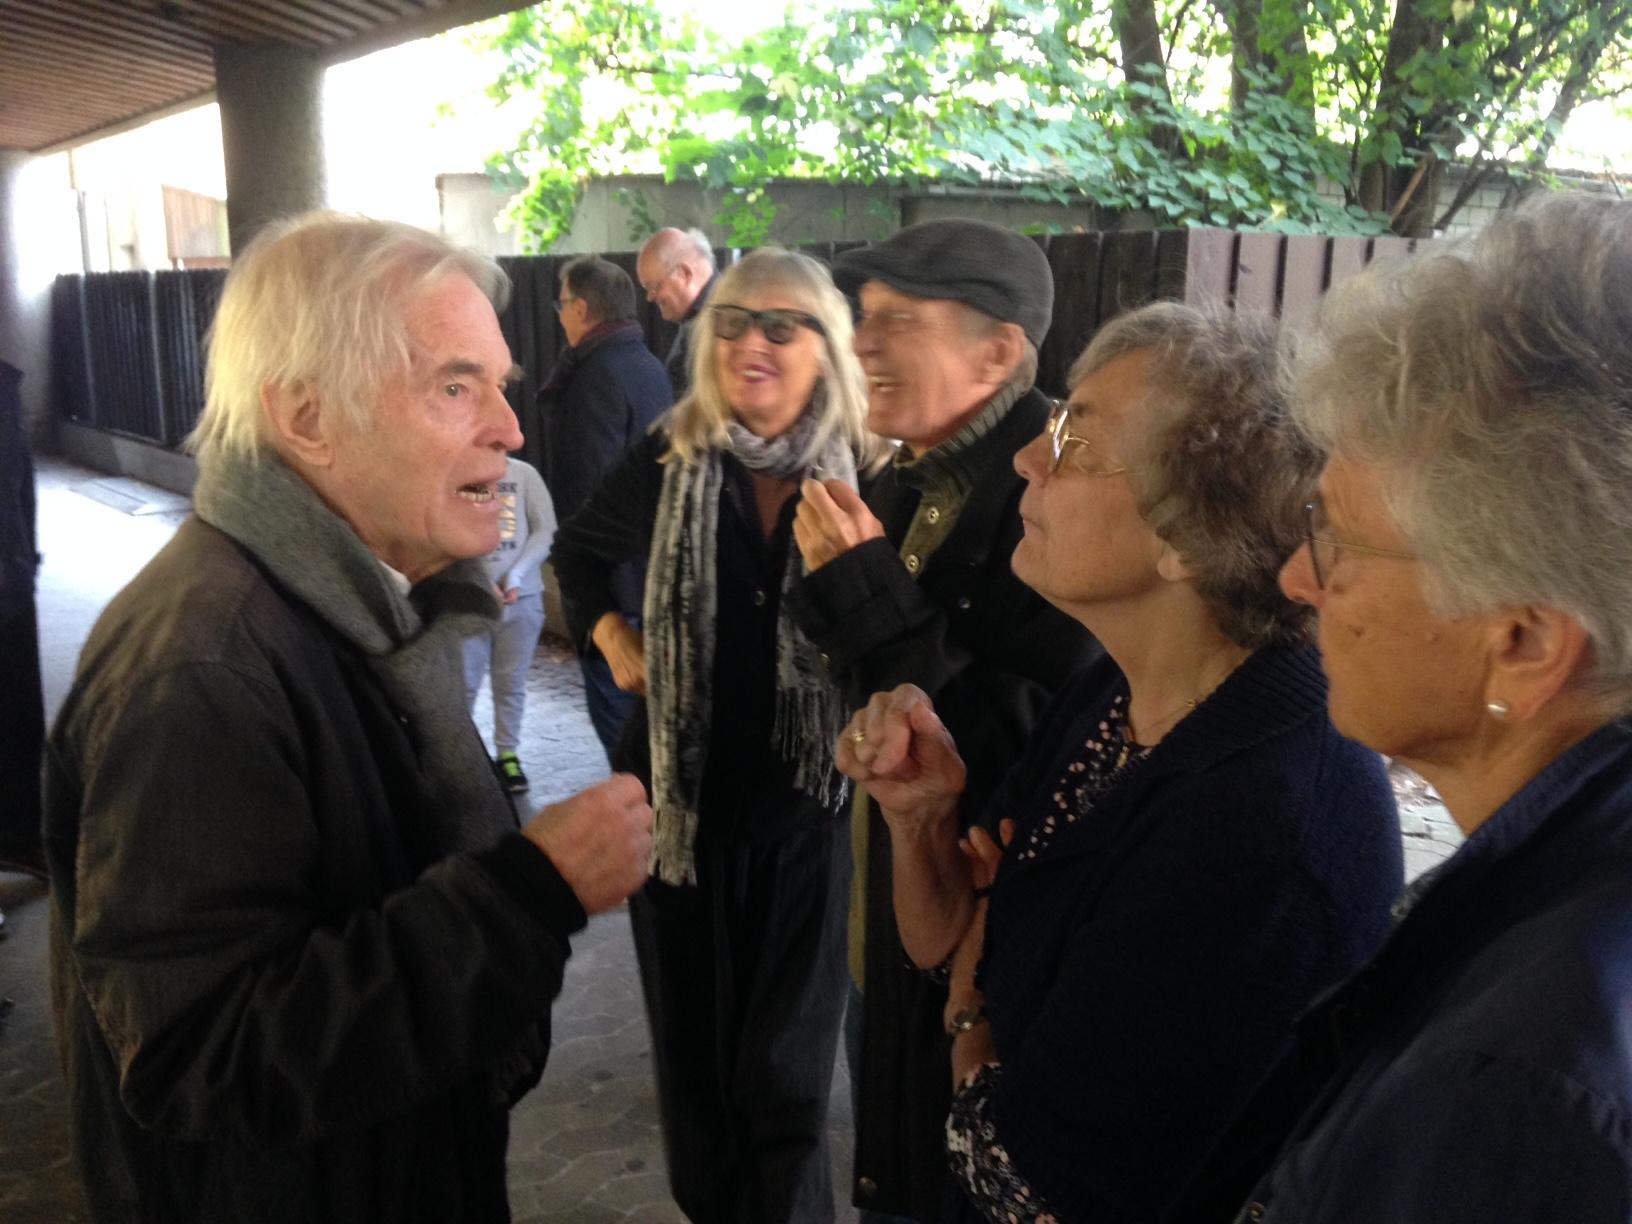 Die Zuschauer sind von der Ausstellung im Innenhof des Burgenlandzentrum begeistert.